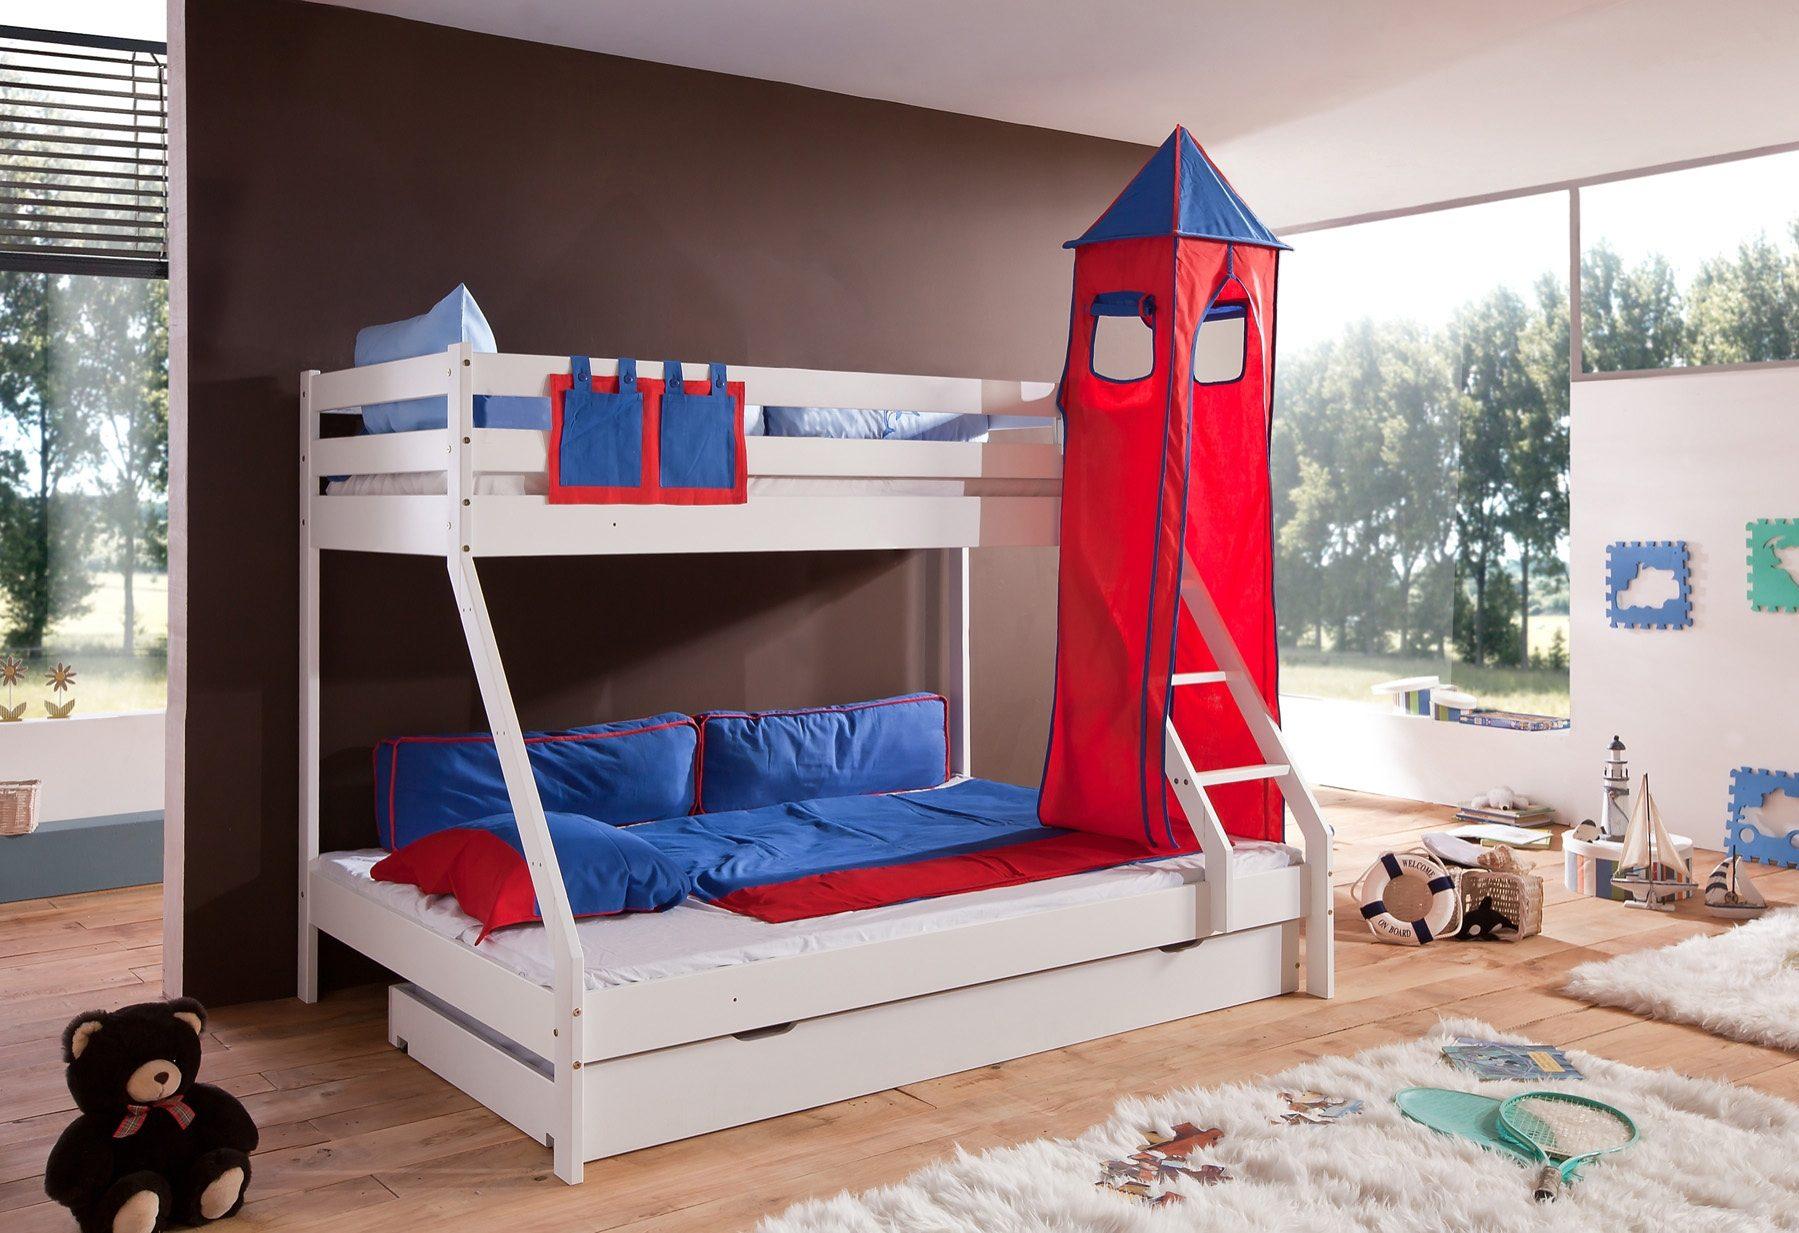 Quelle Etagenbett : Rot etagenbetten online kaufen möbel suchmaschine ladendirekt.de